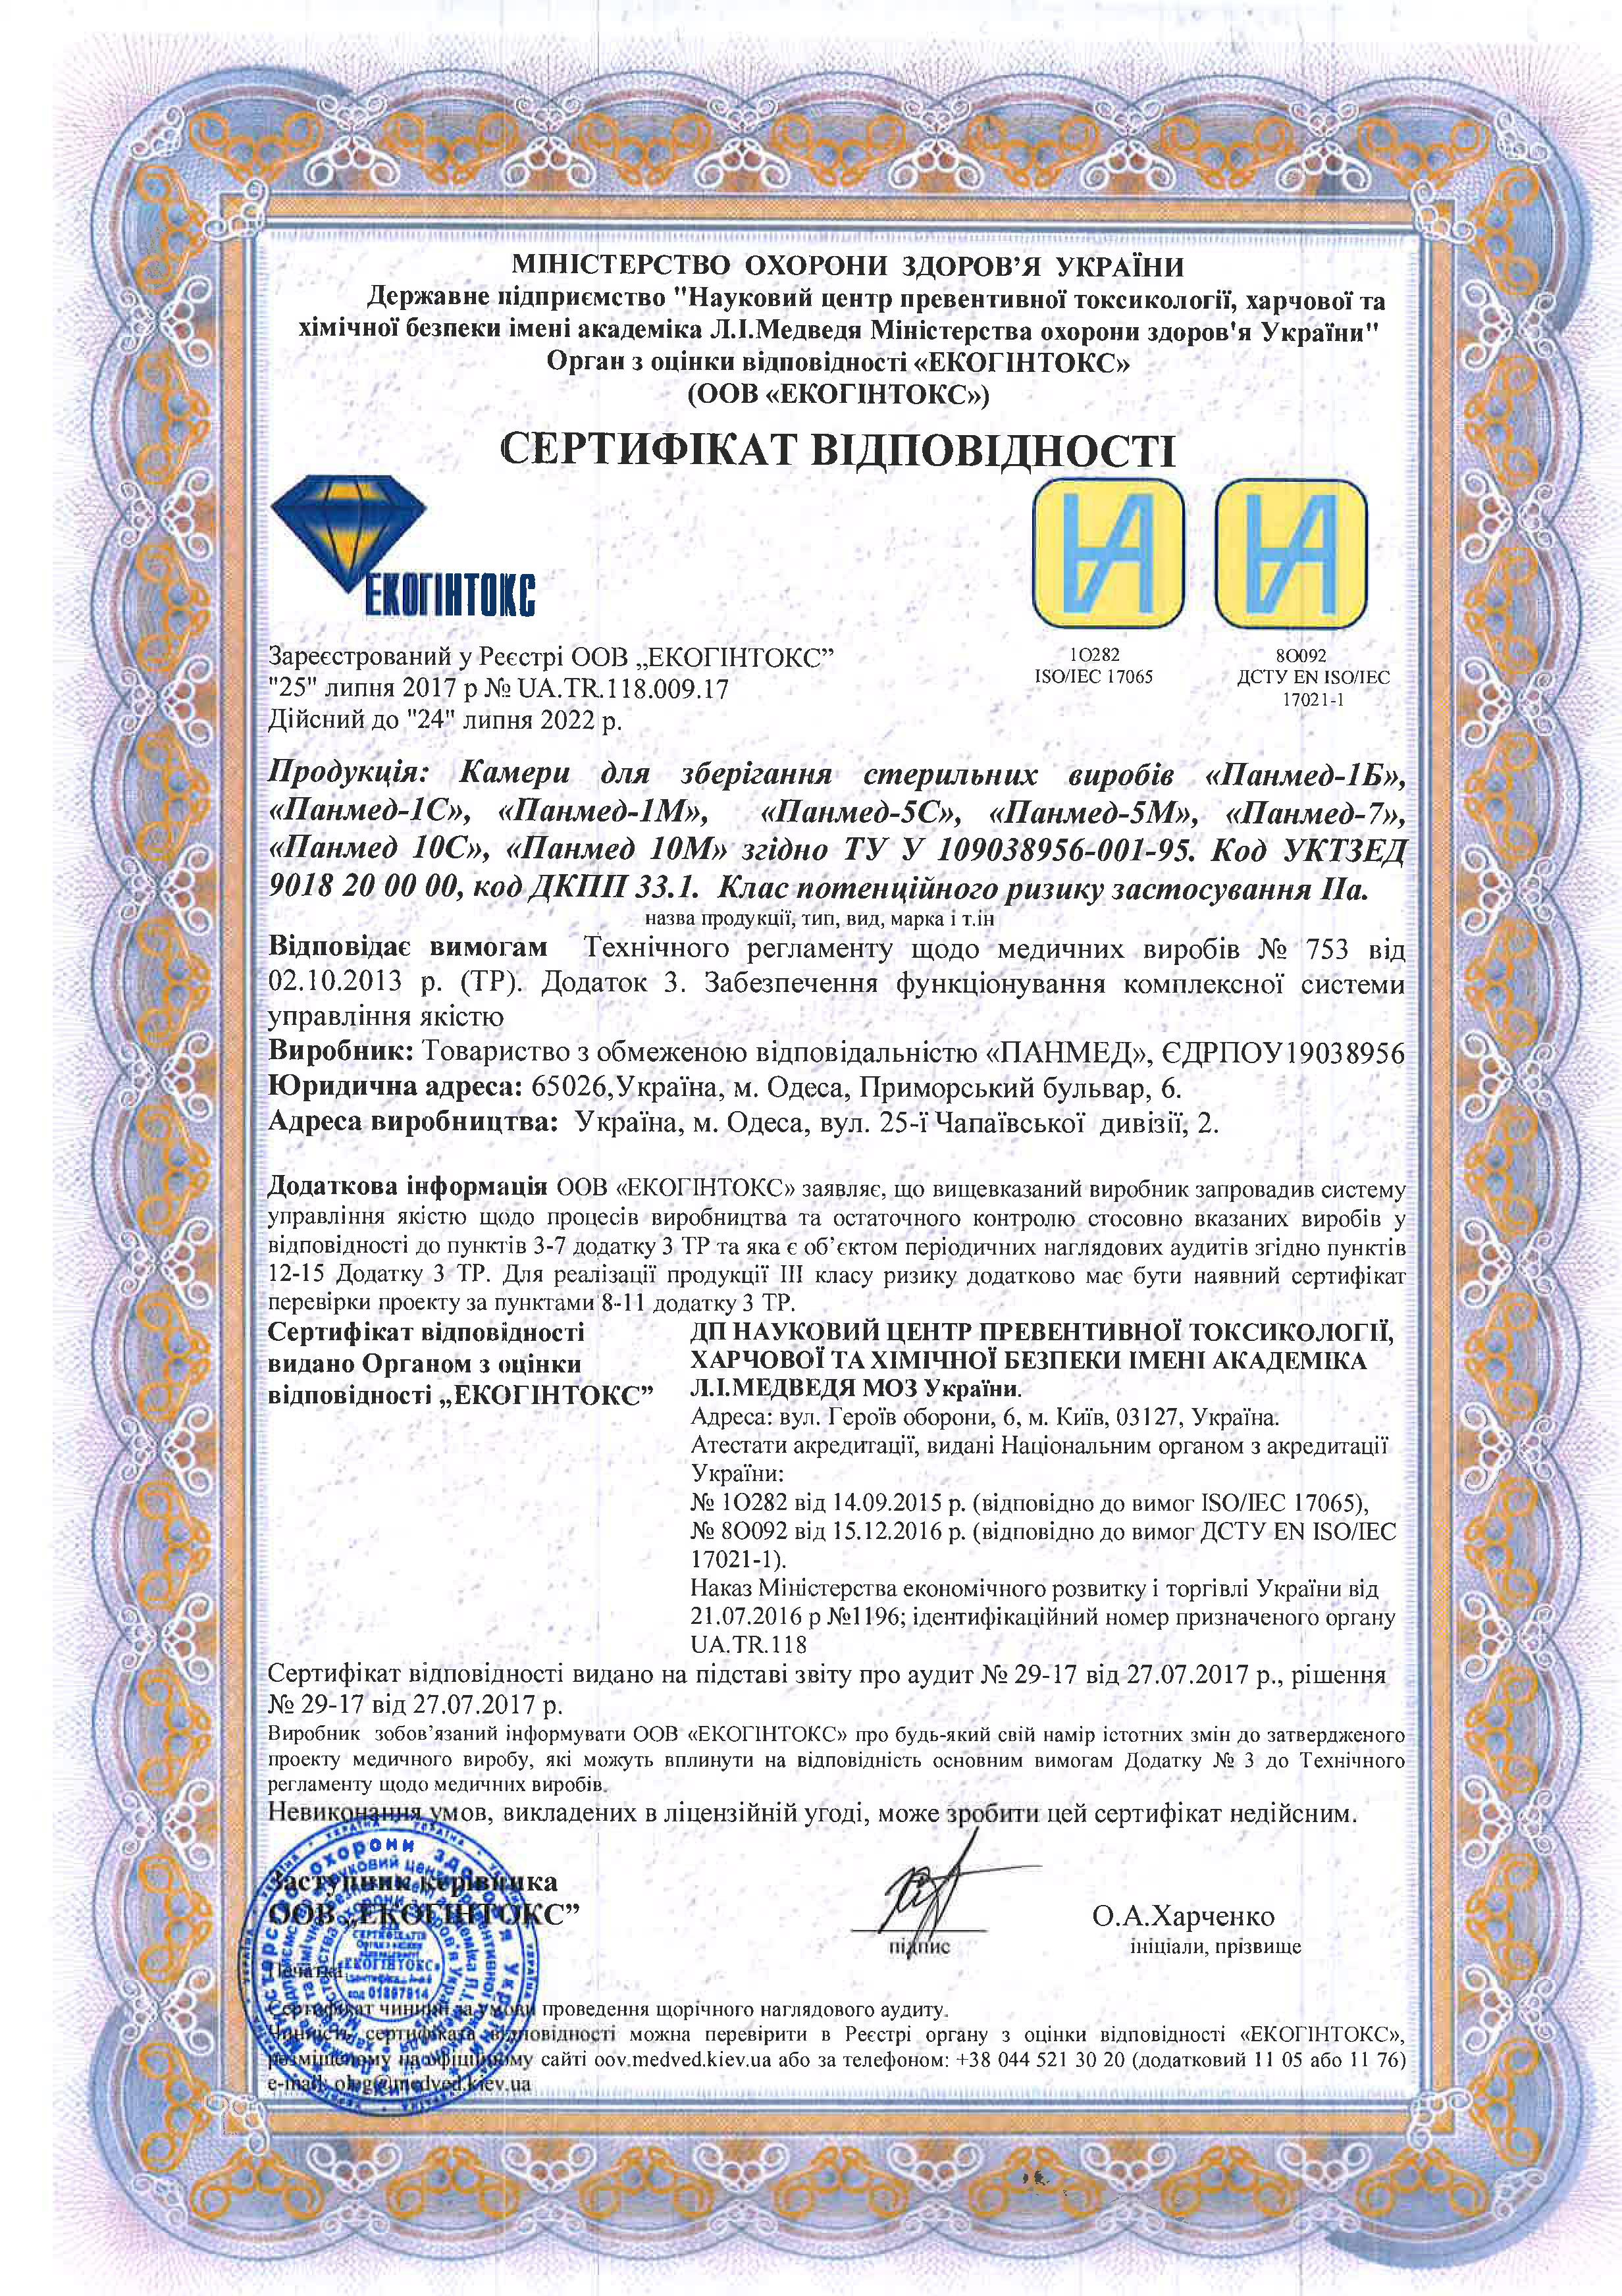 Сертификат соответствия МОЗ Украины (ISO 13485: 2003, IDT)